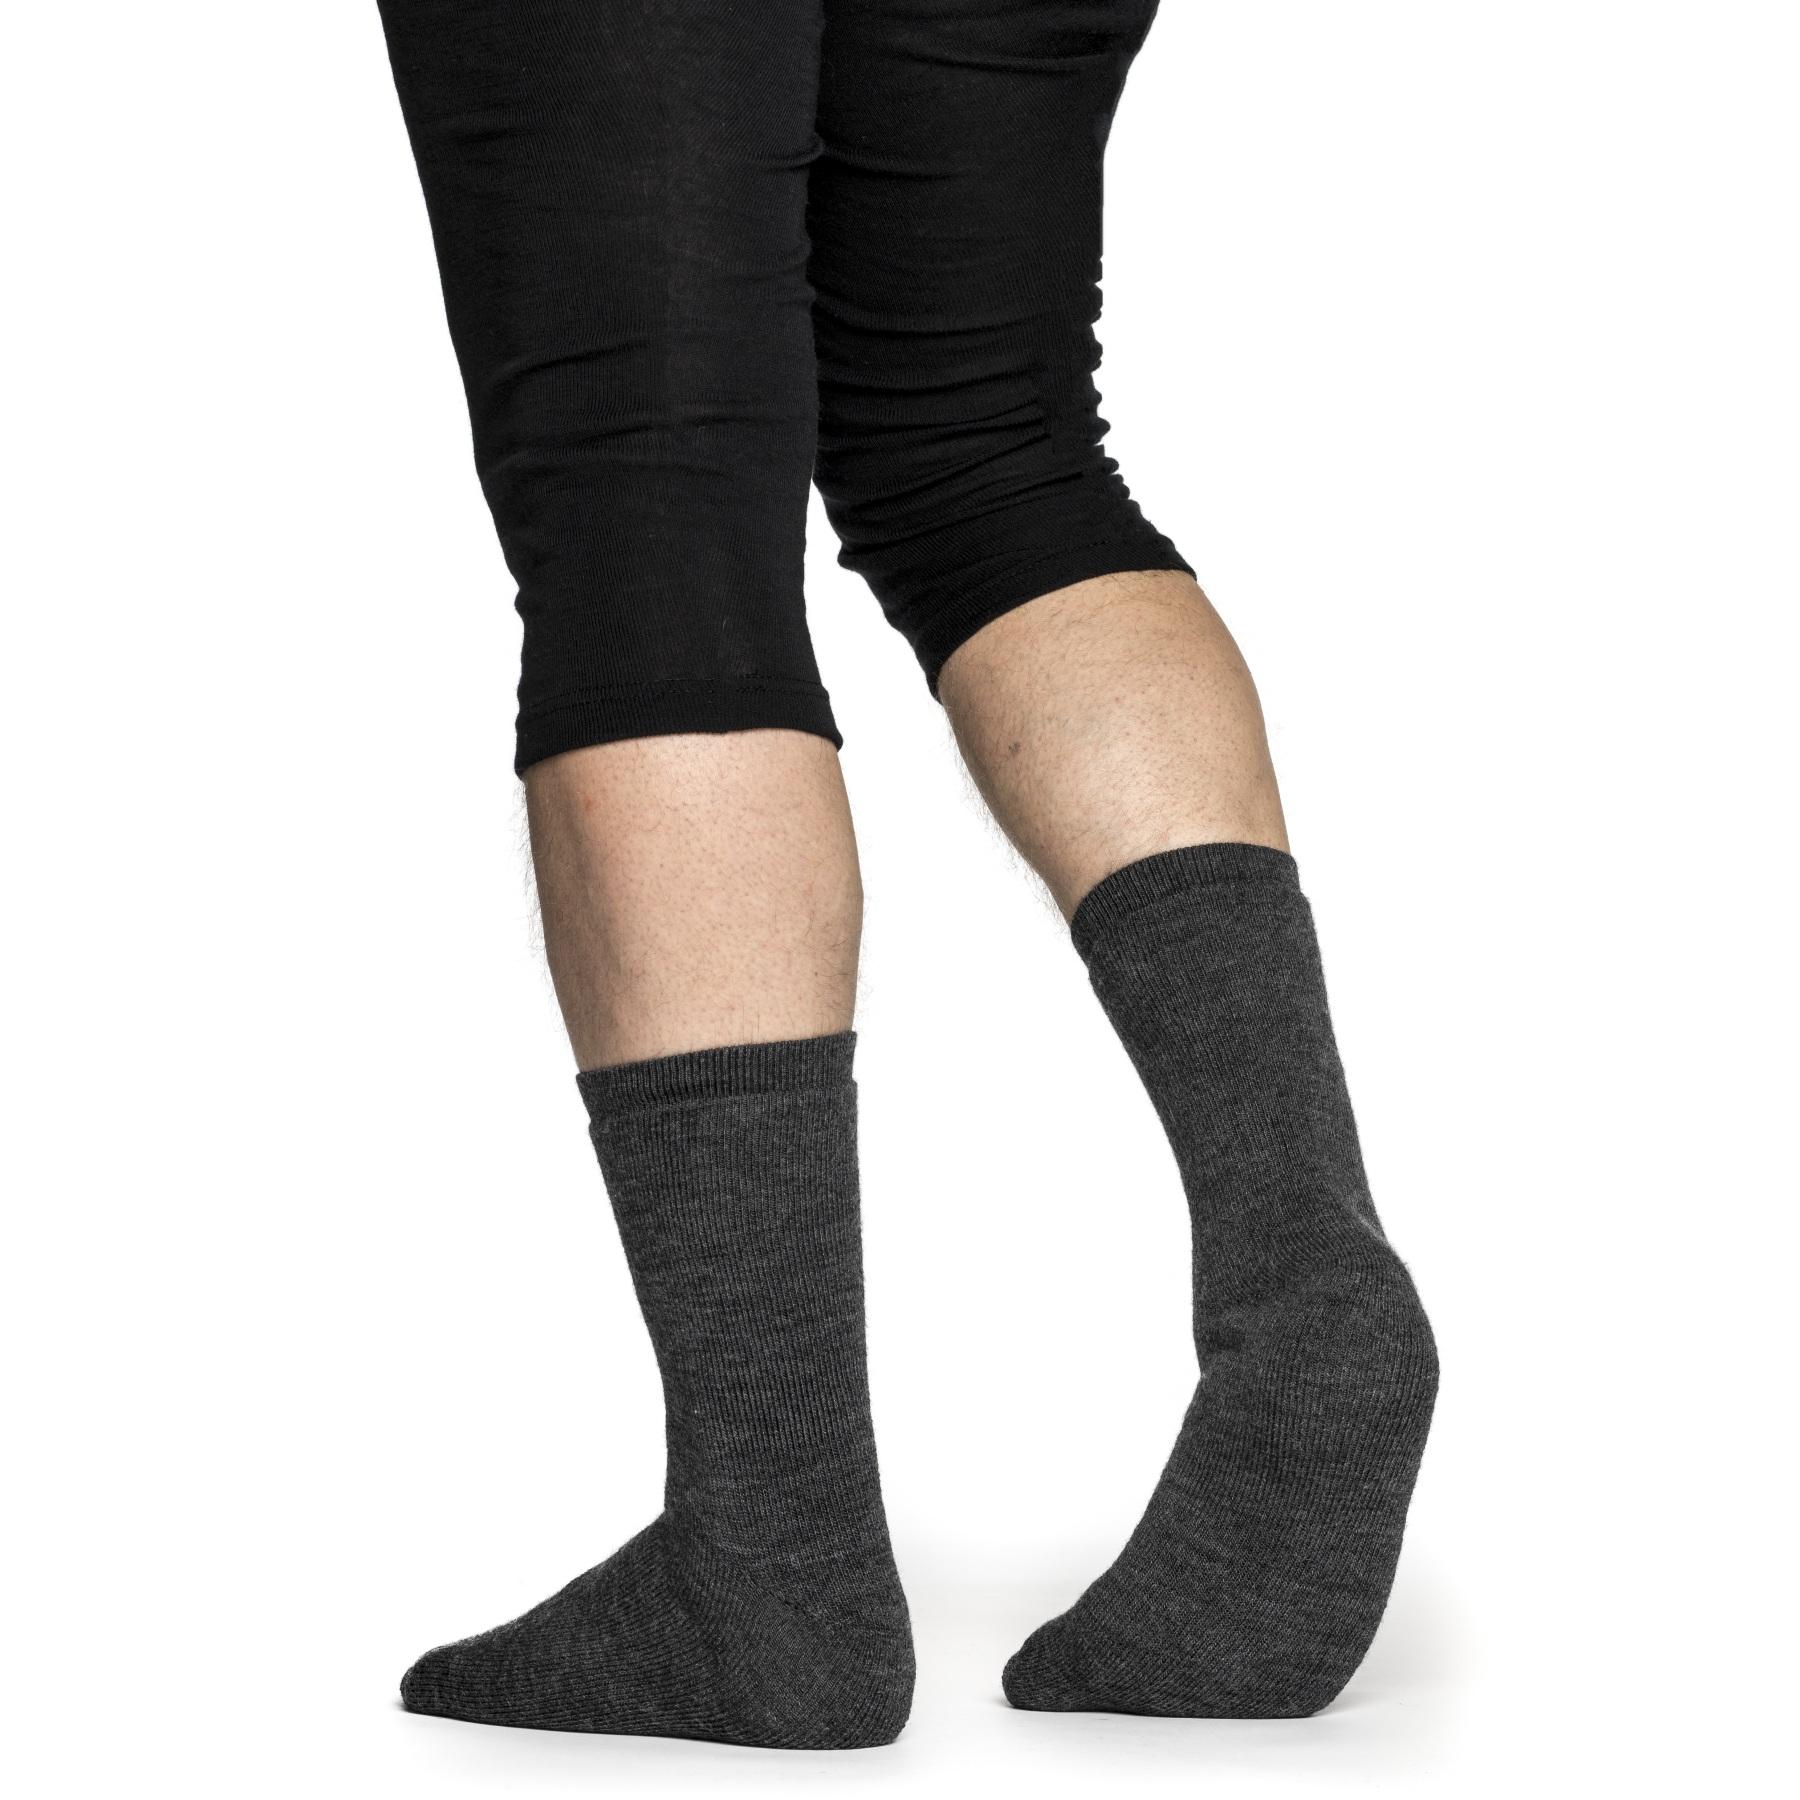 Image of Woolpower Socks 400 - grey